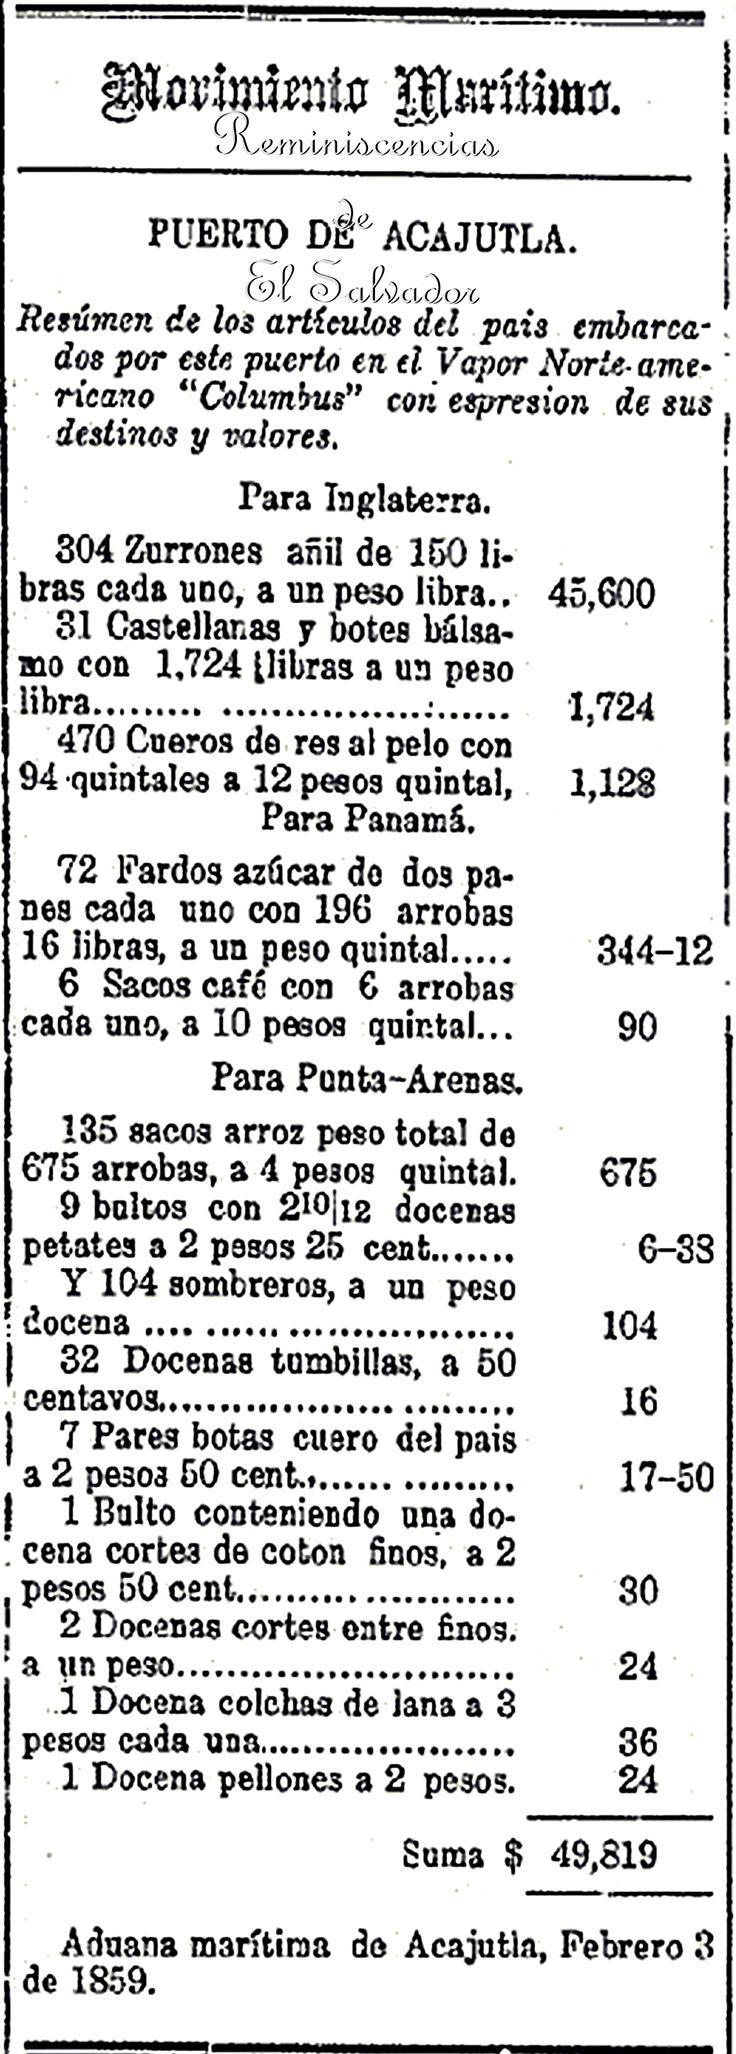 Aduana mar tima de acajutla febrero 3 de 1859 movimiento maritimo puerto de acajutla gaceta